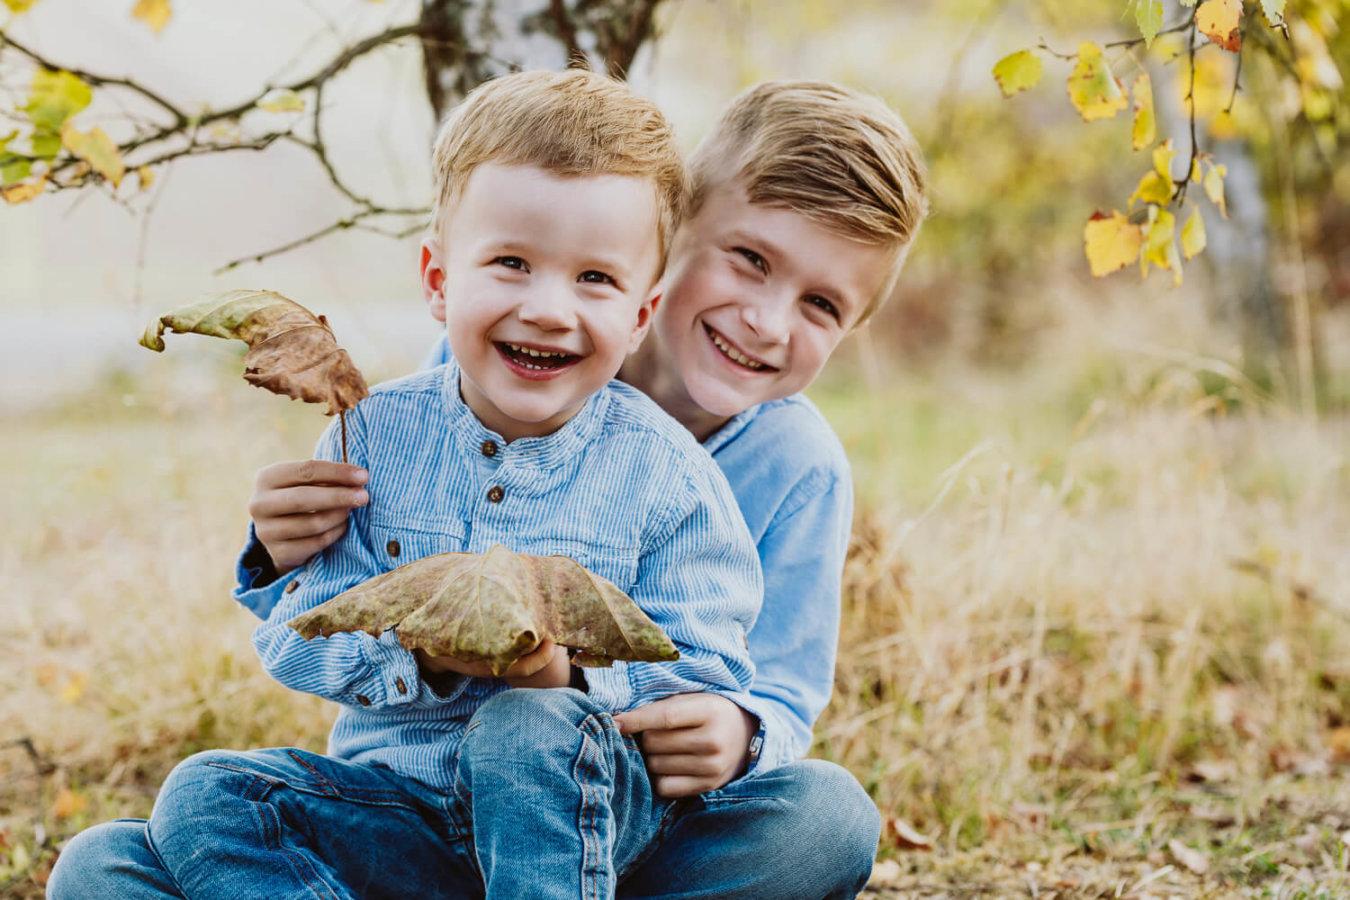 Kita Fotograf mit zwei Jungen im Freien an einem Baum